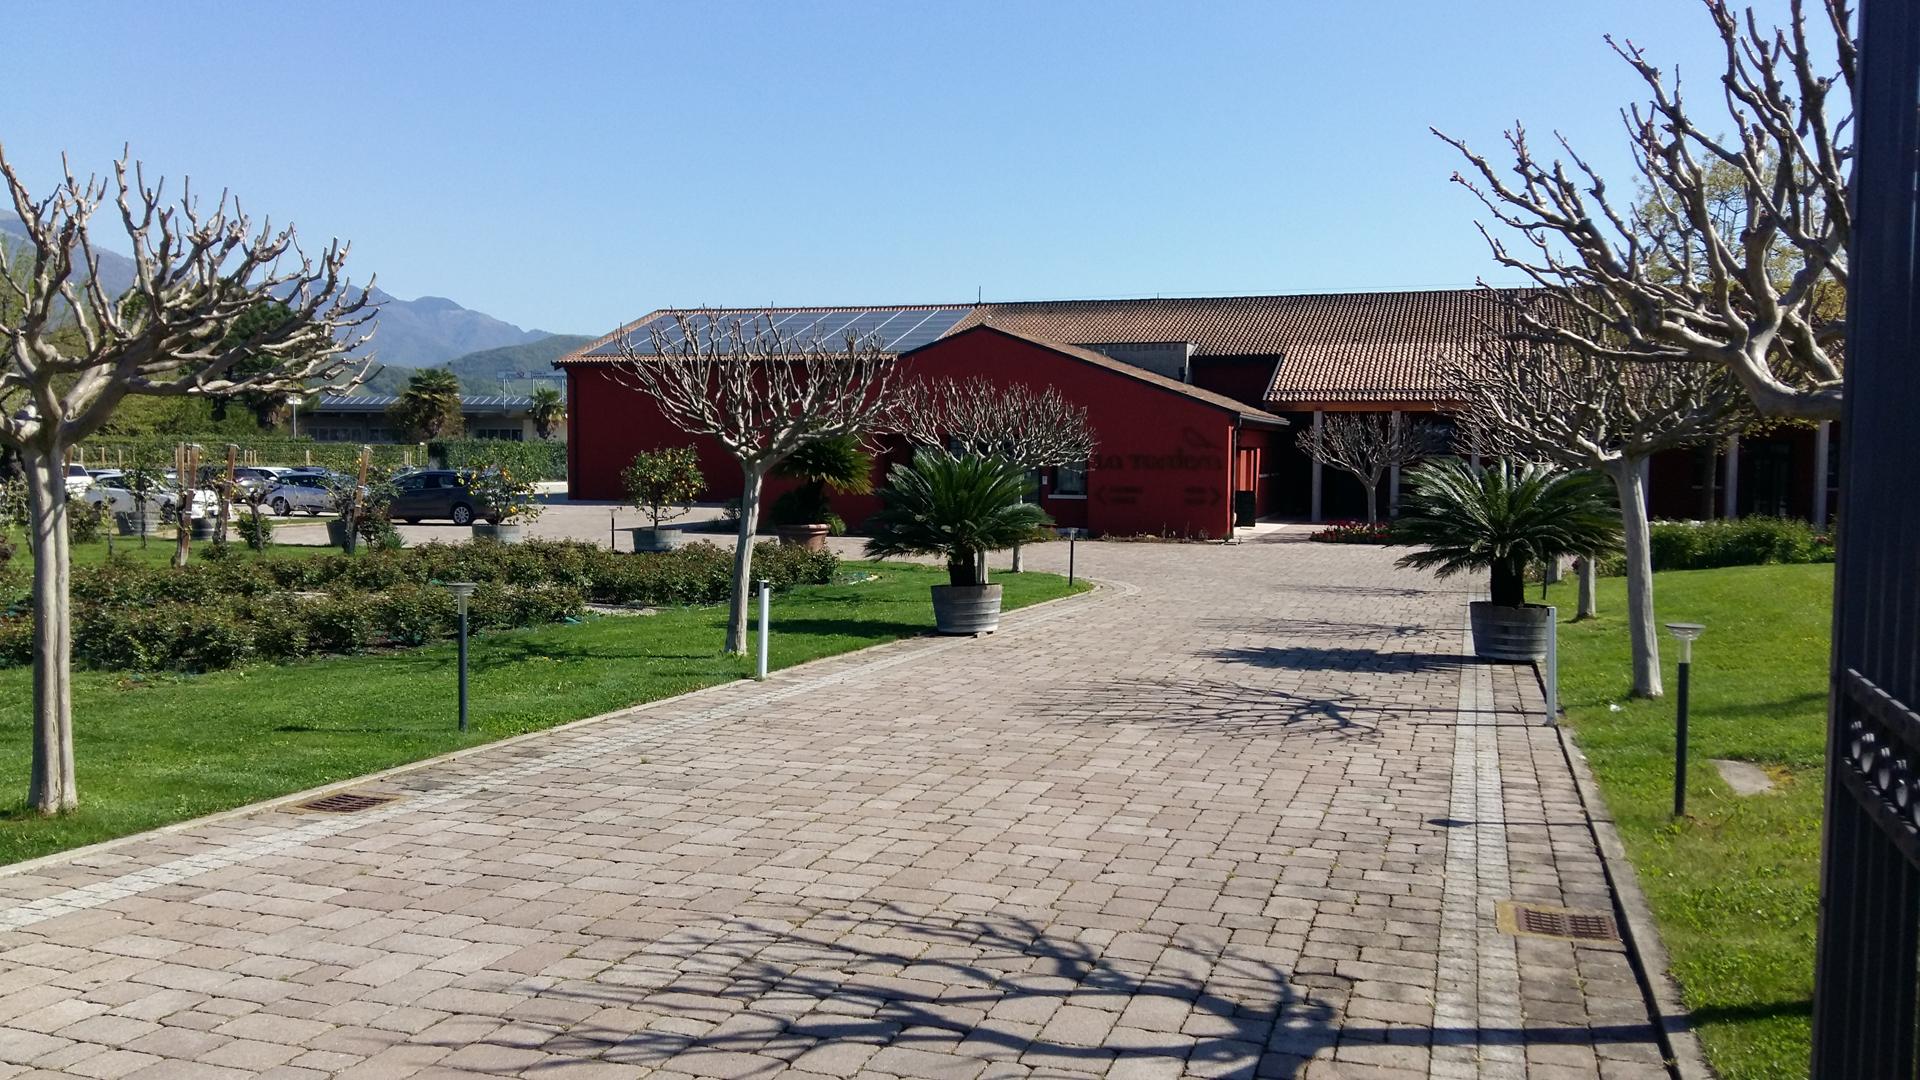 Lavori di ripristino presso Cantina La Tordera - Valdobbiadene (TV)